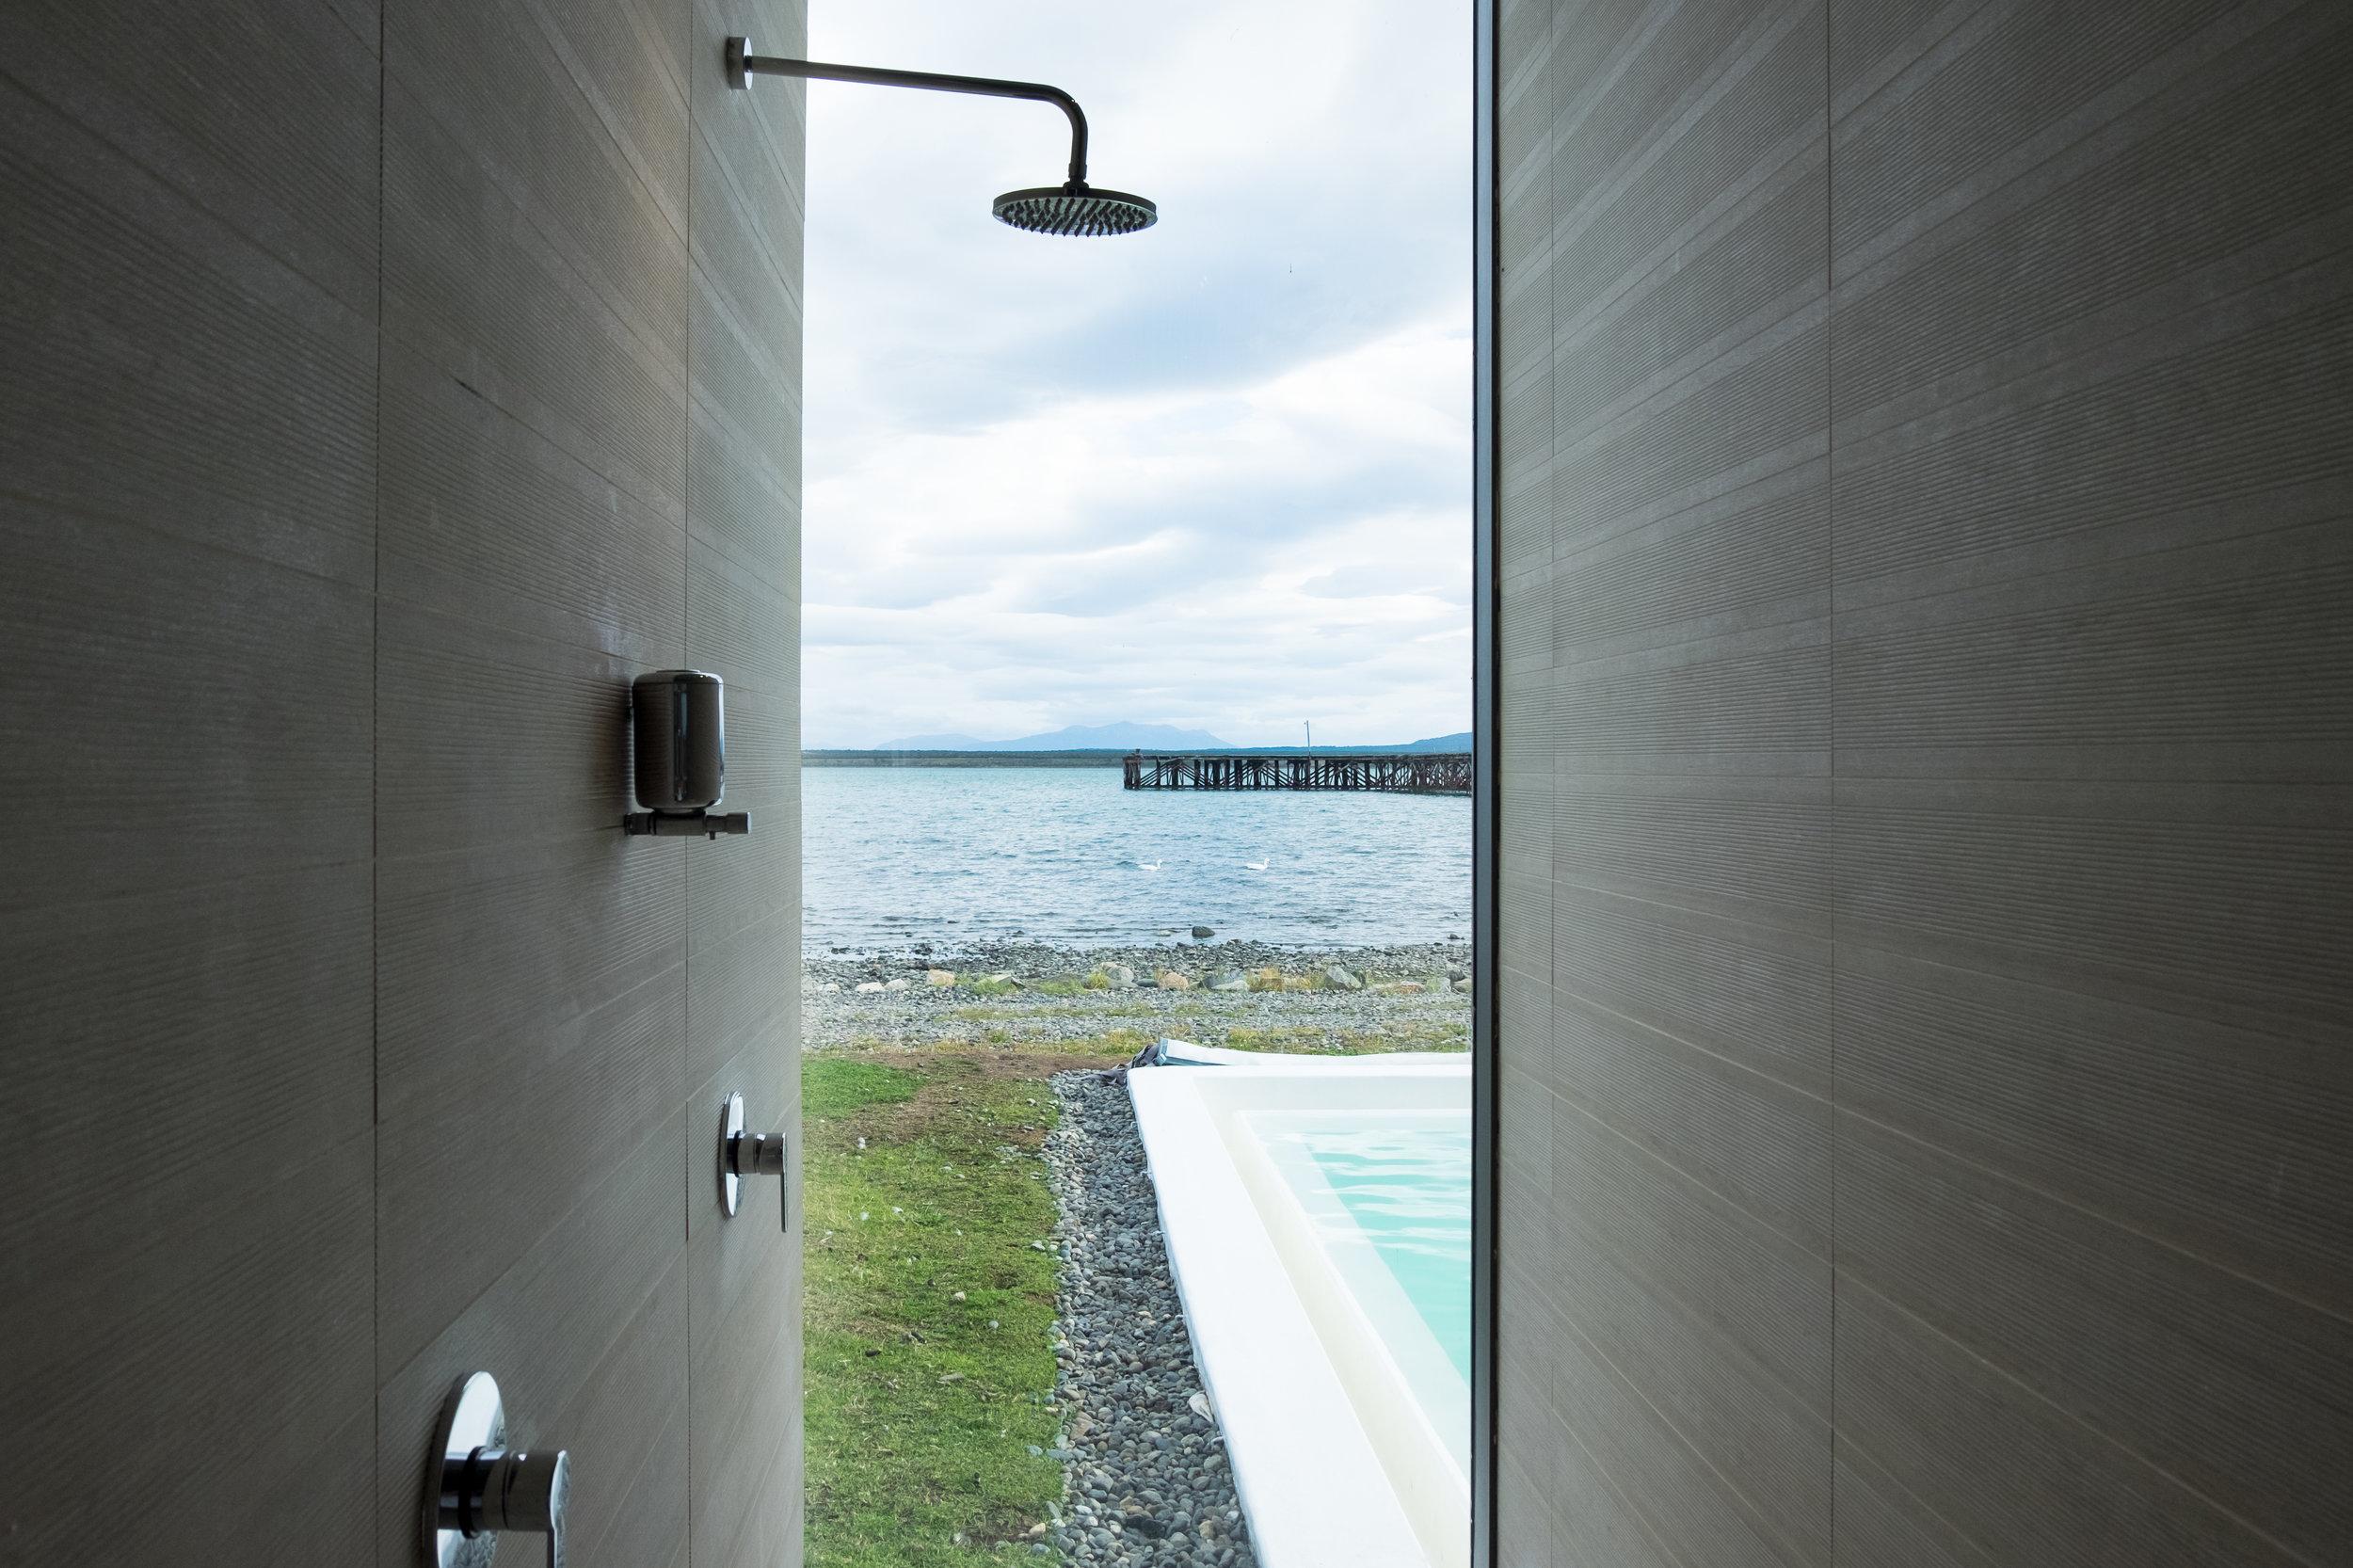 The prettiest shower we've ever seen